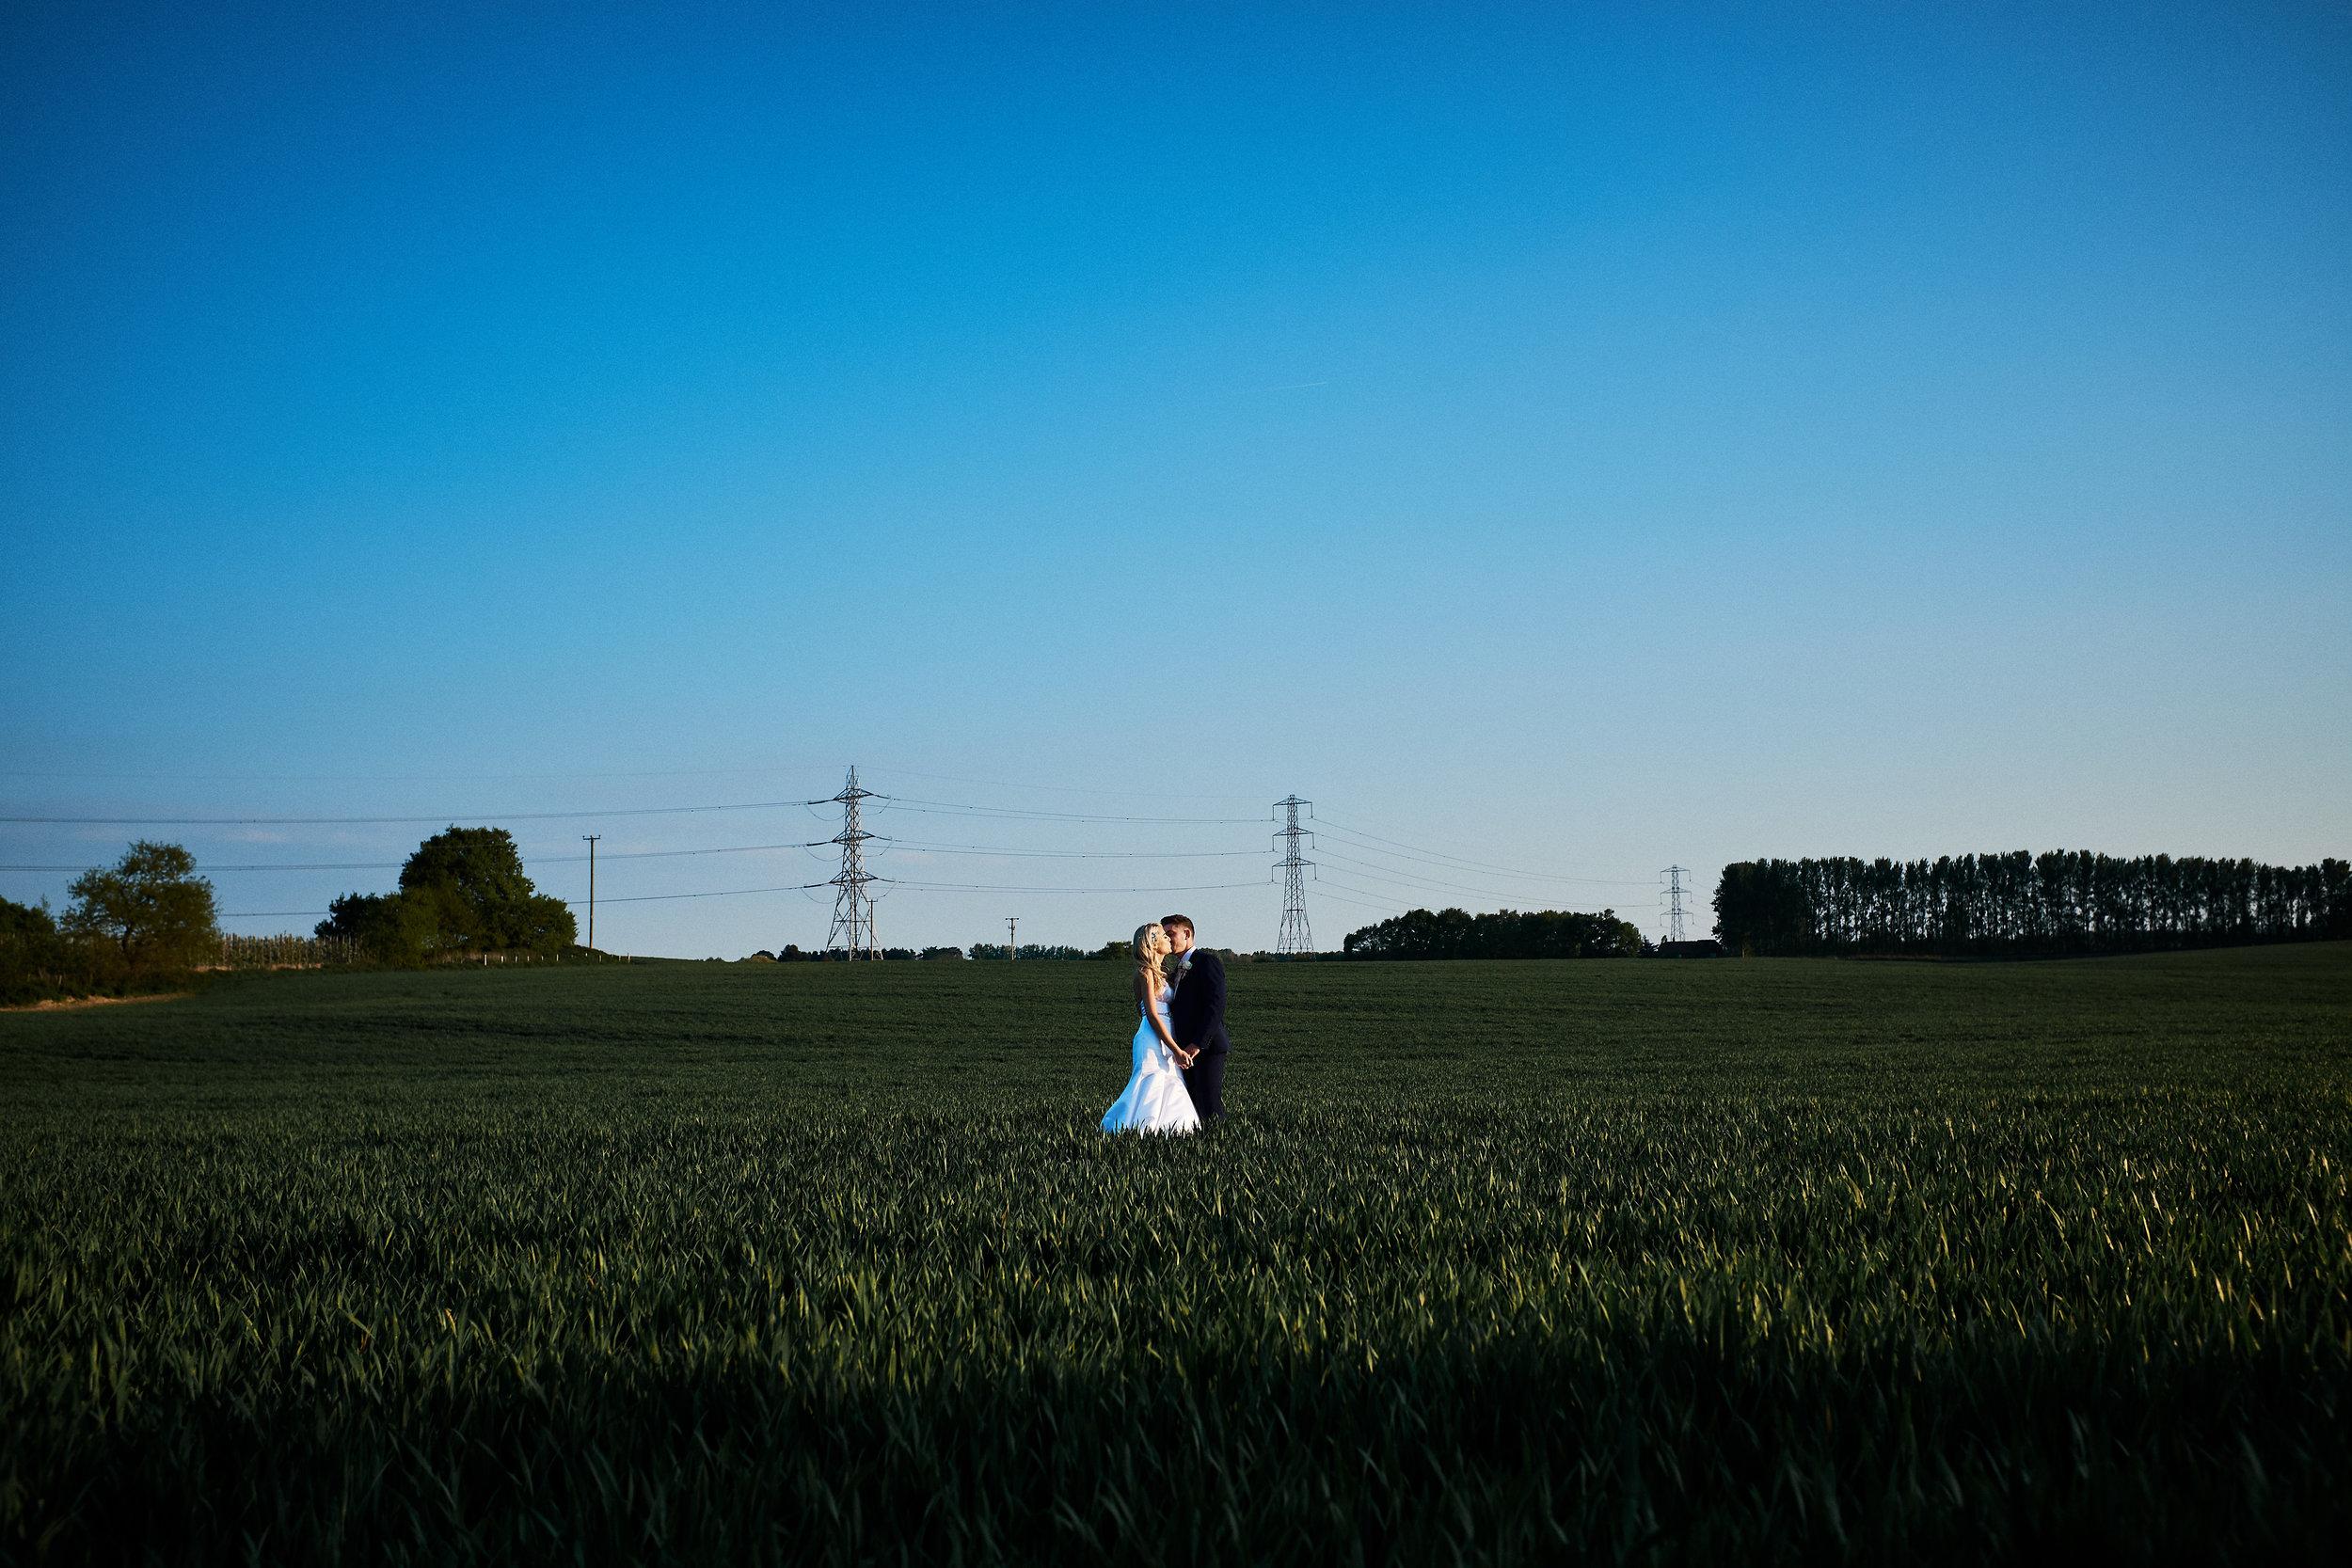 Artistic-Motion-Wedding-29-04-17-399-W.jpg